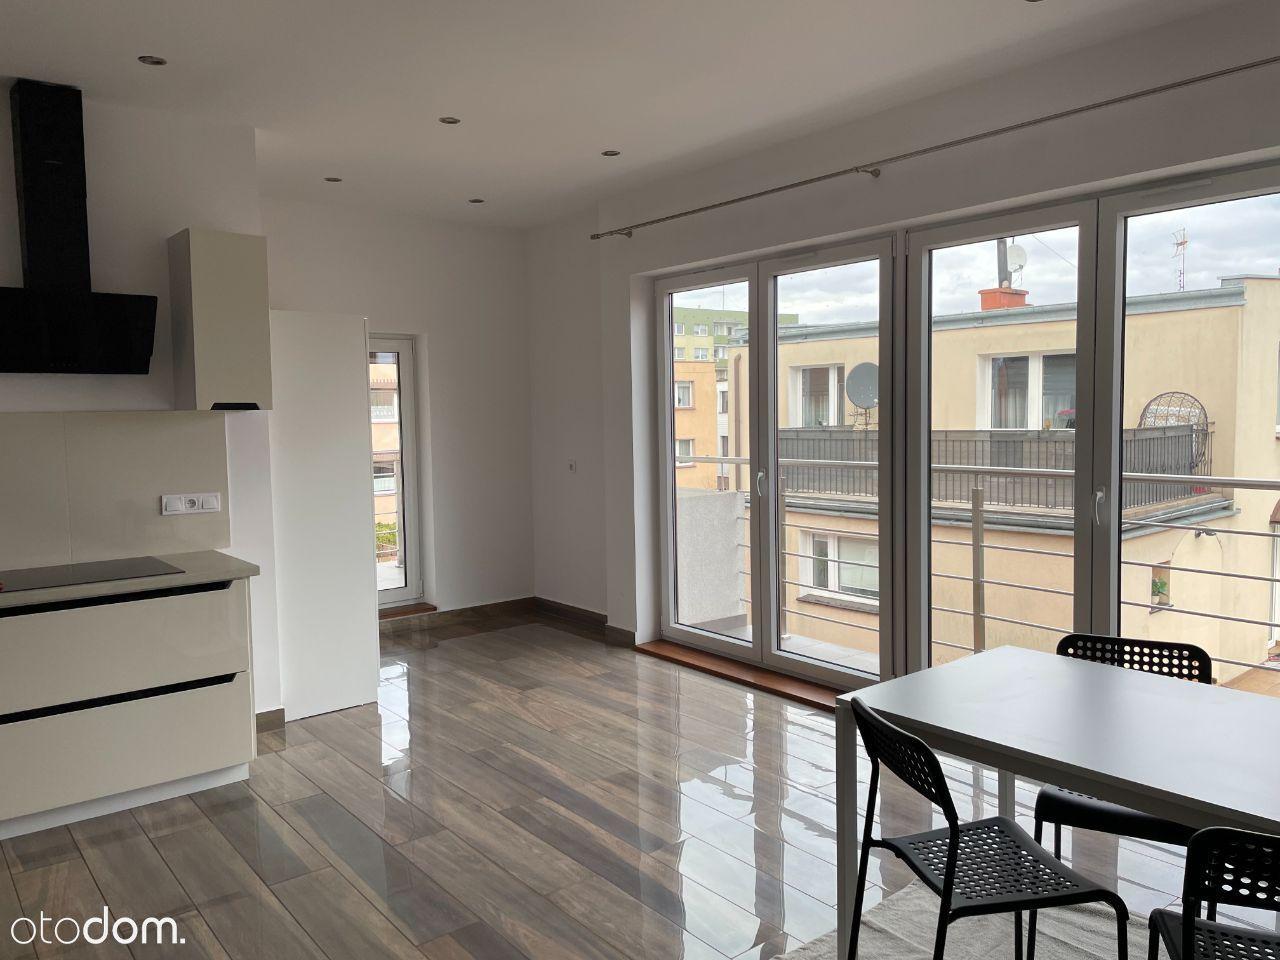 mieszkanie/apartament na wynajem